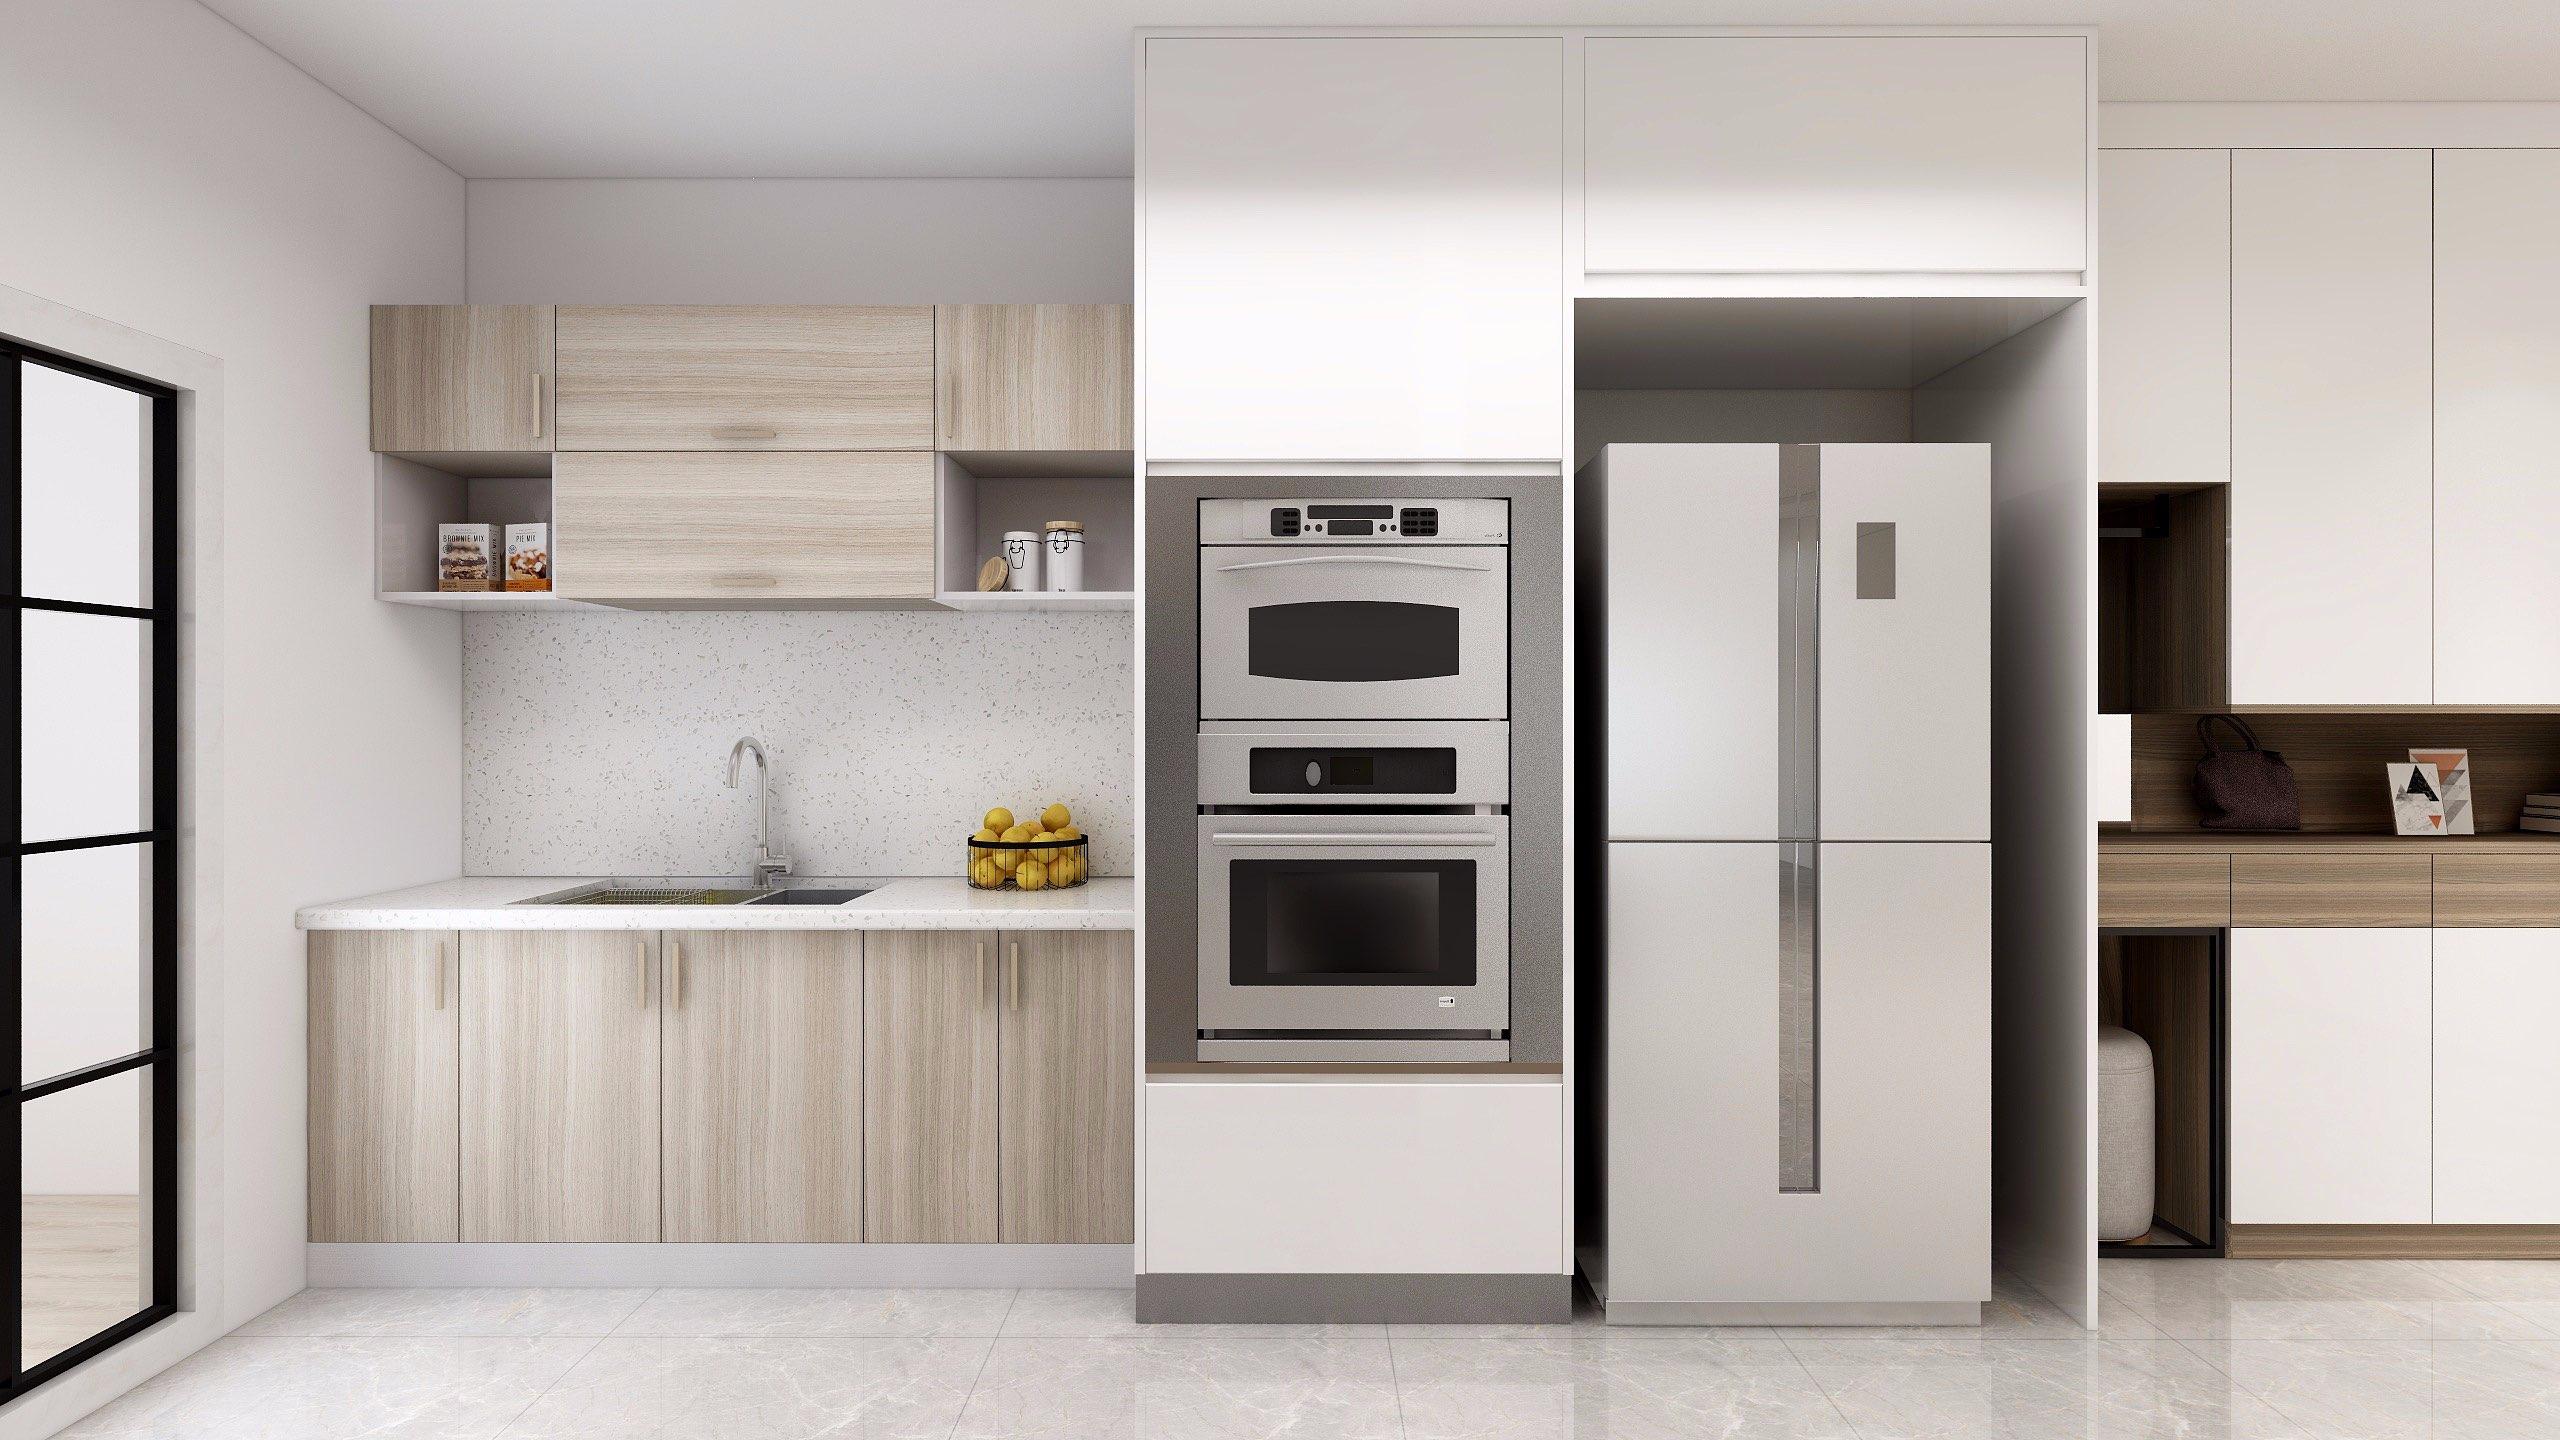 Màu gỗ sáng tự nhiên giúp căn bếp thêm thoáng và bắt mắt hơn.